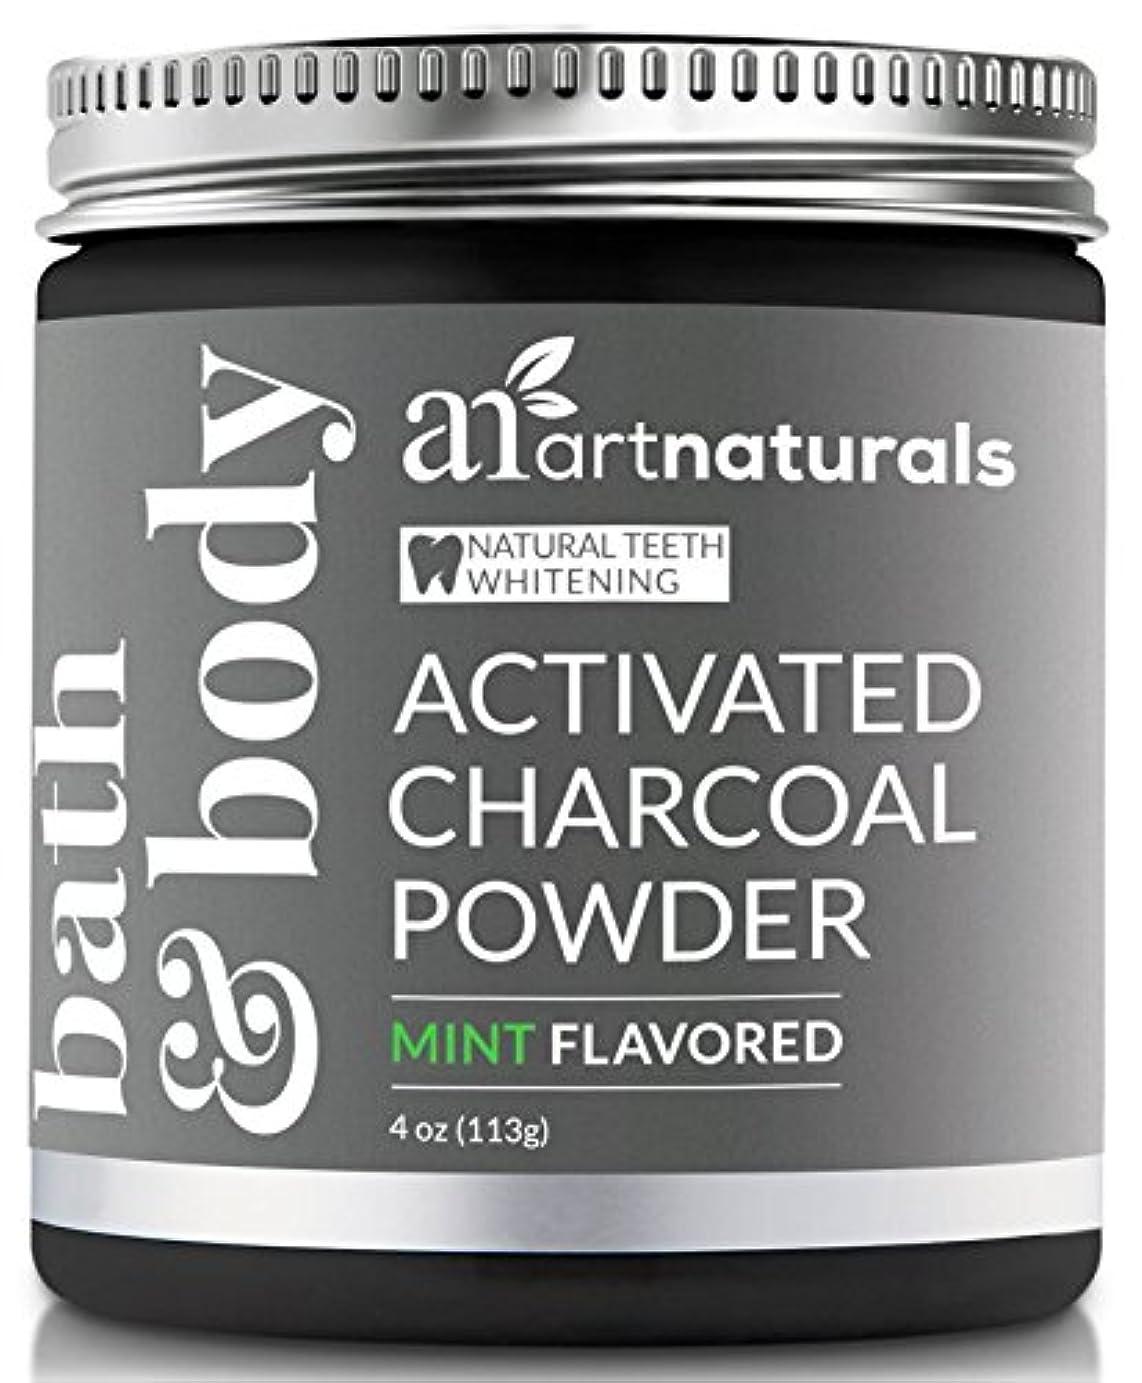 不適切な恐ろしい何十人もArtNaturals Teeth Whitening Charcoal Powder - (4 Oz / 113g) - Activated Charcoal for a Natural, Non-Abrassive...